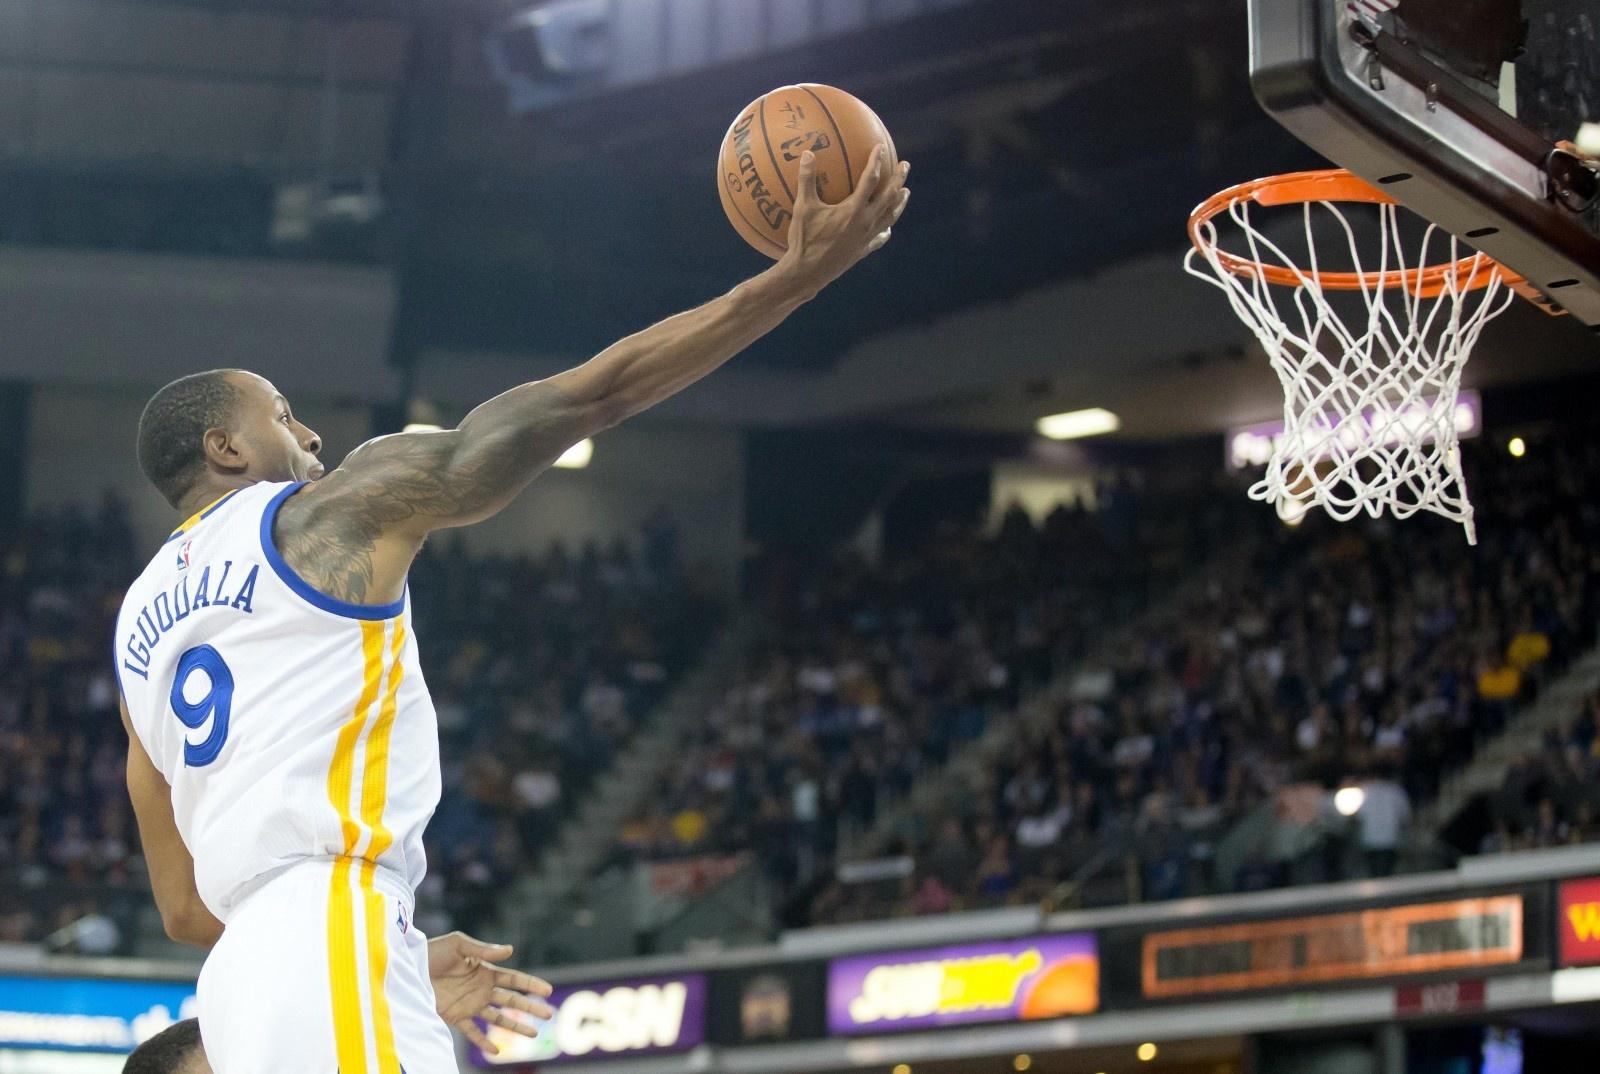 basketball-golden-nba-state-warriors-score-spaldin